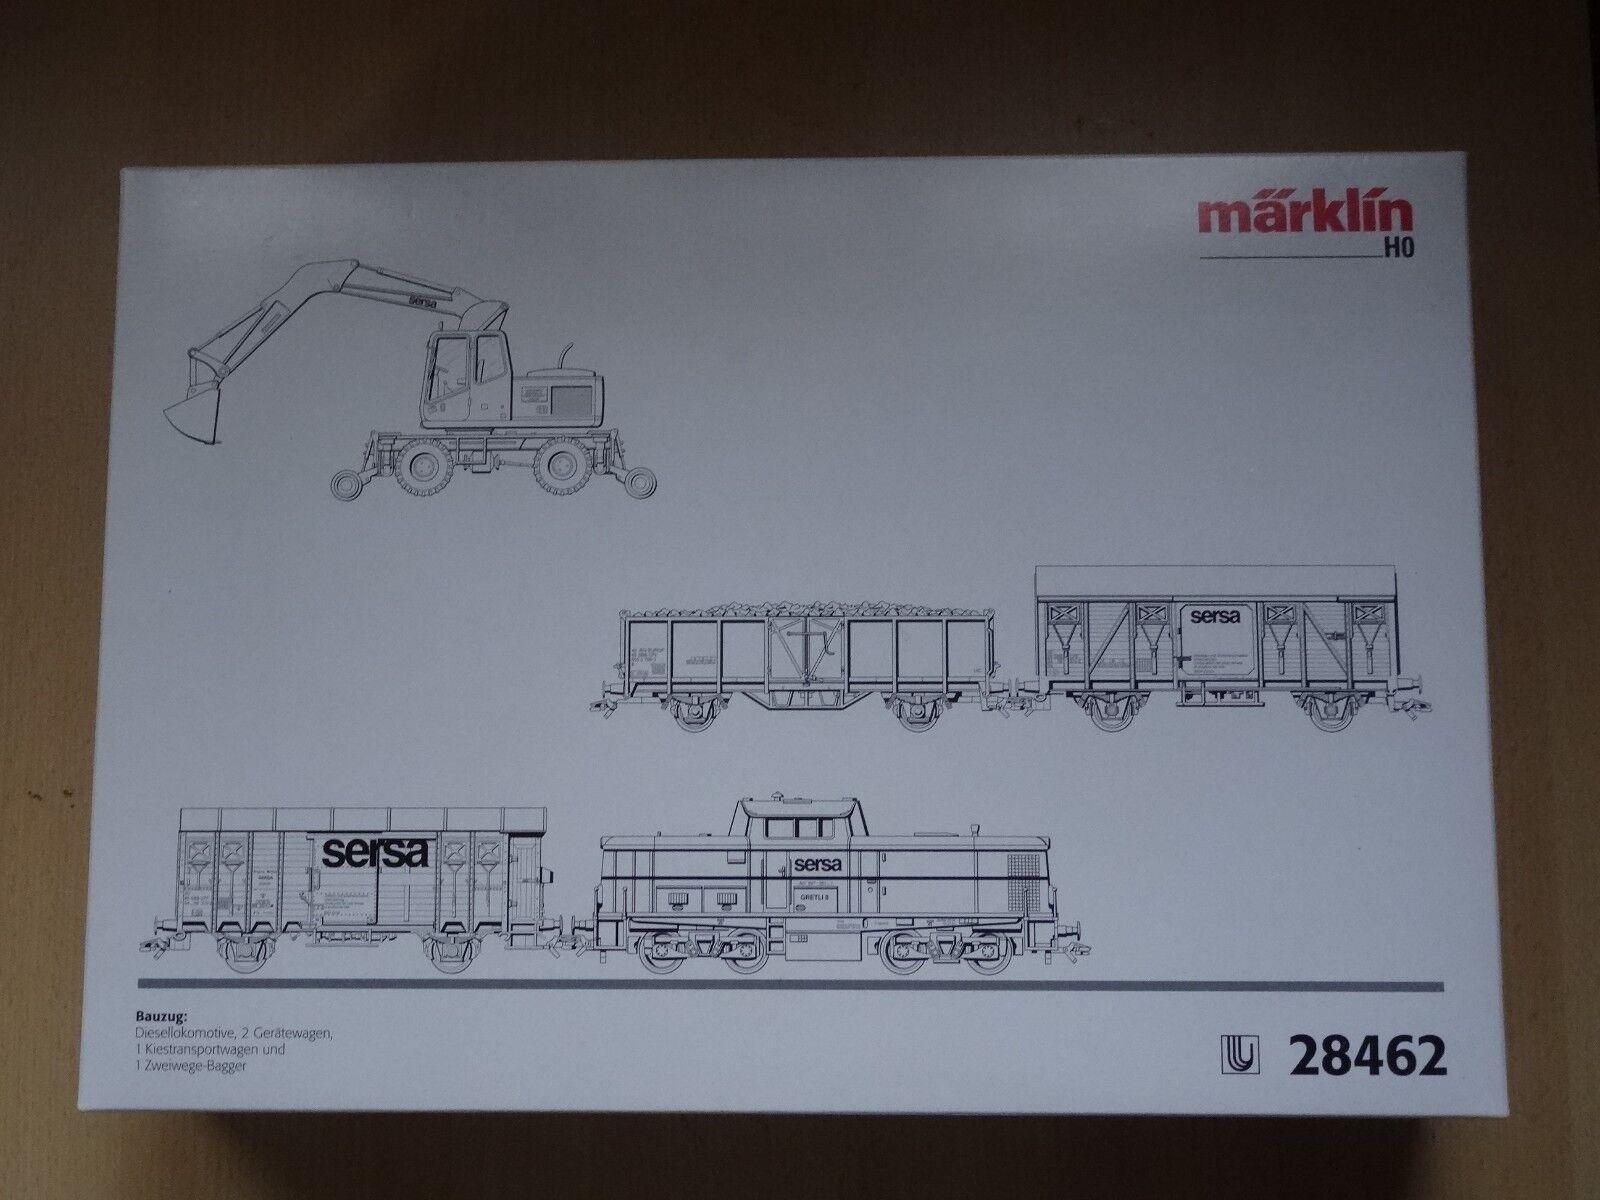 Marklin ho Art 28462 bauzug 5 piezas fa Sersa la SBB, delta nuevo en el embalaje original